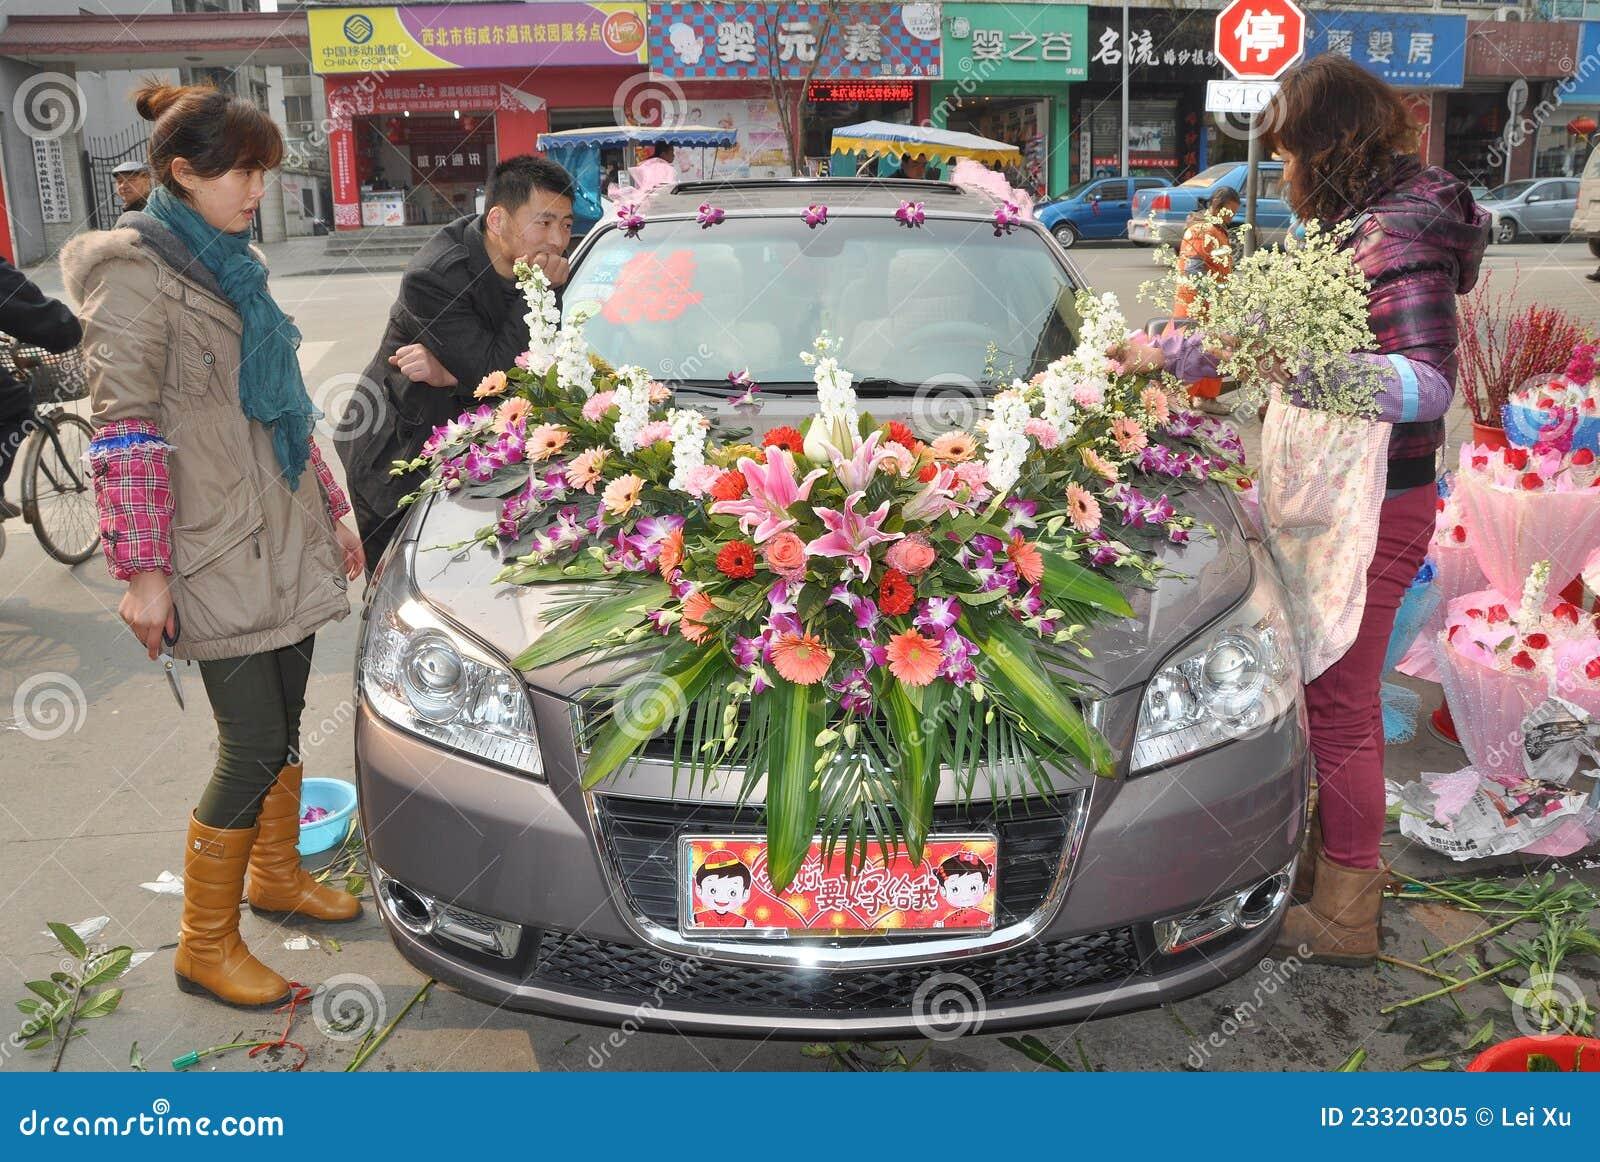 Chinese Wedding Car Editorial Image Image Of China Wedding 23320305